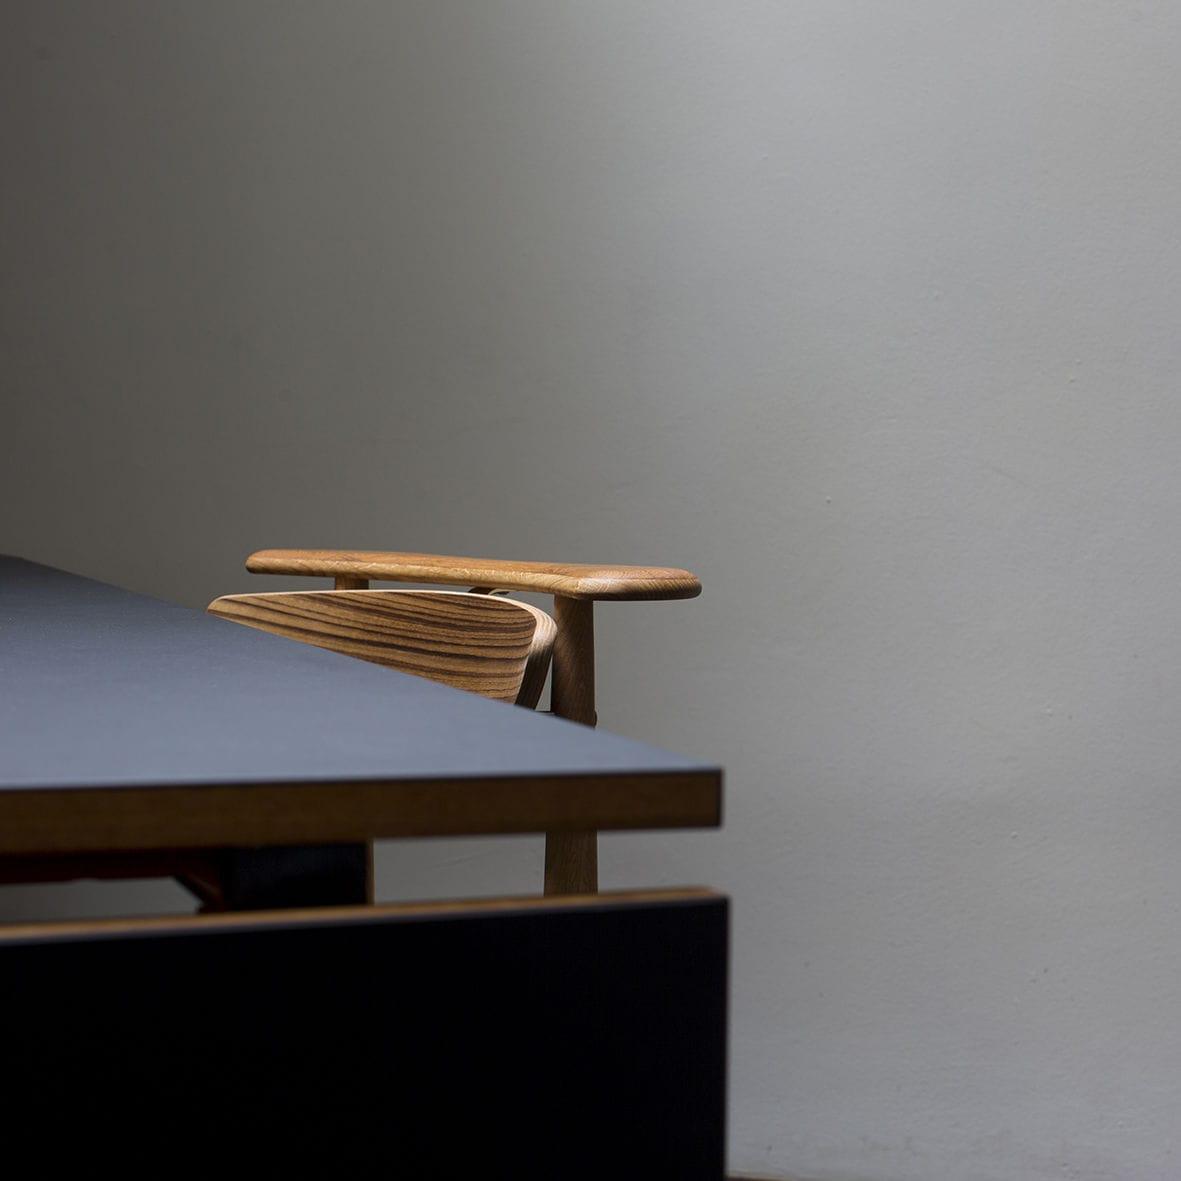 ... Scandinavian Design Dining Chair / Upholstered / Oak / Walnut